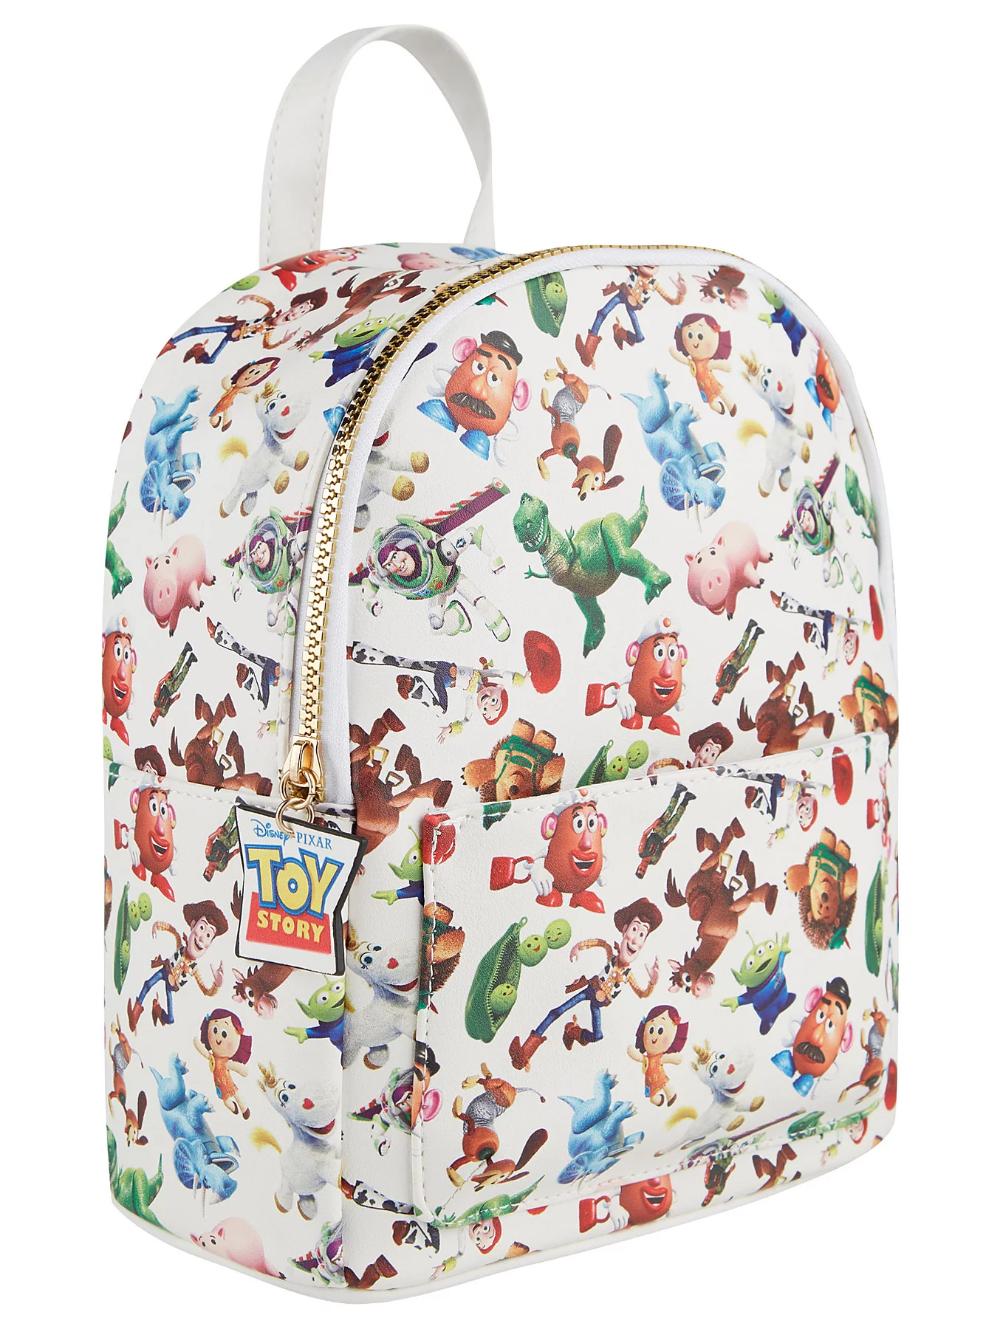 Disney Pixar Toy Story Characters Blue Childrens Backpack School Bag Rucksack